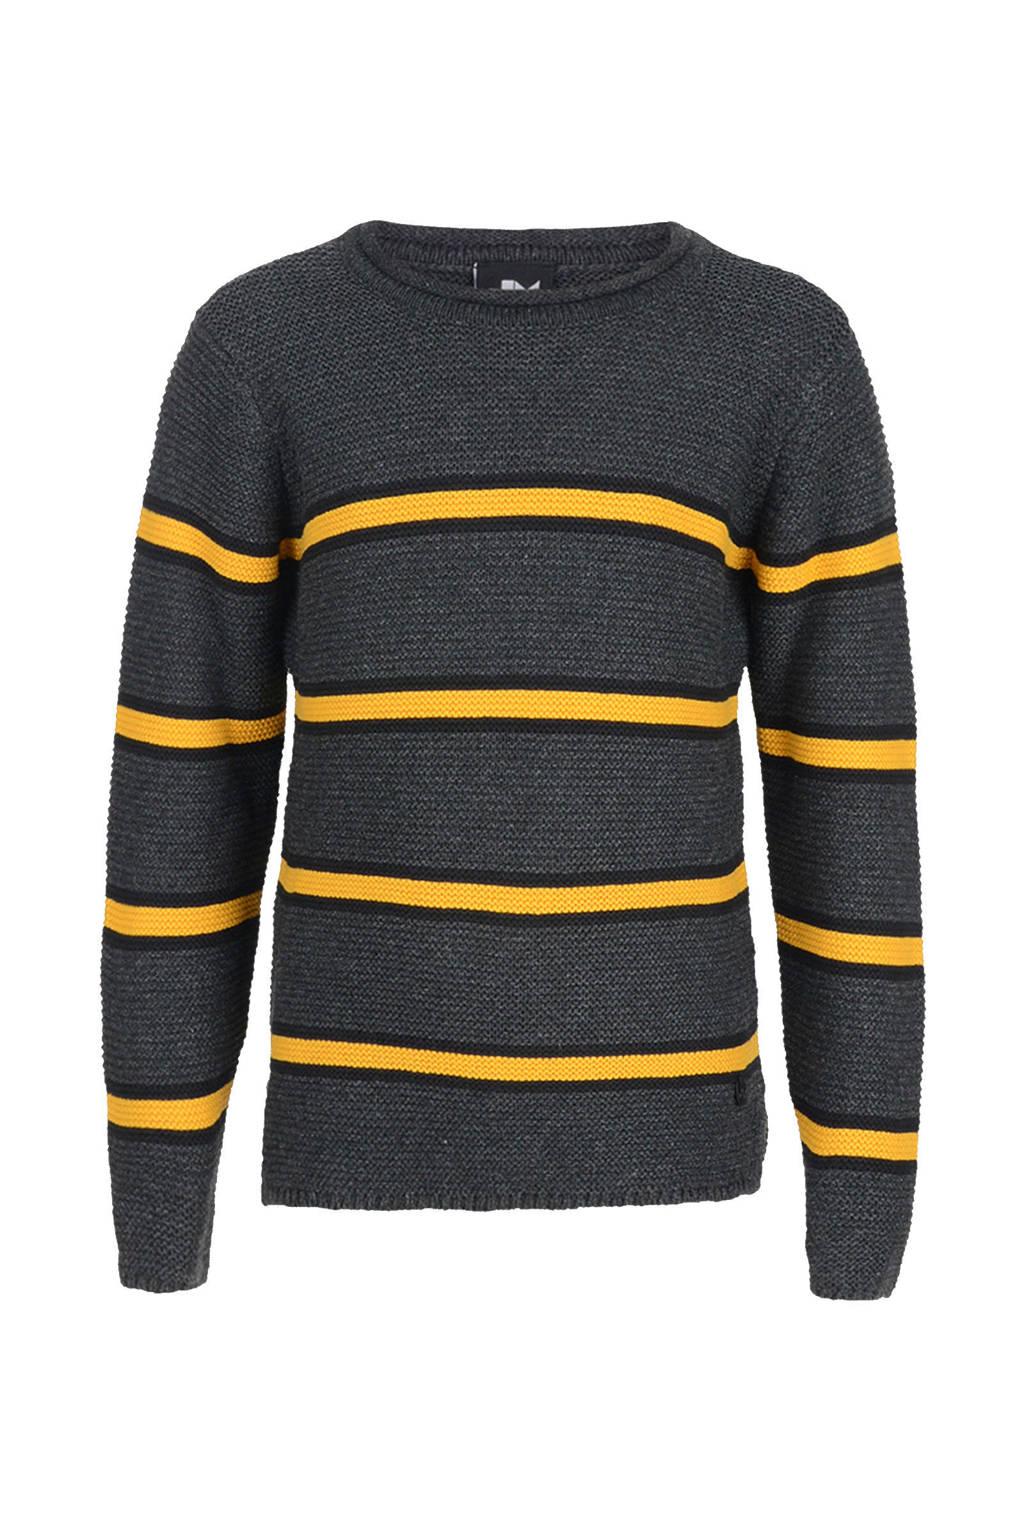 Mitch gestreepte trui grijs/geel, Grijs/geel